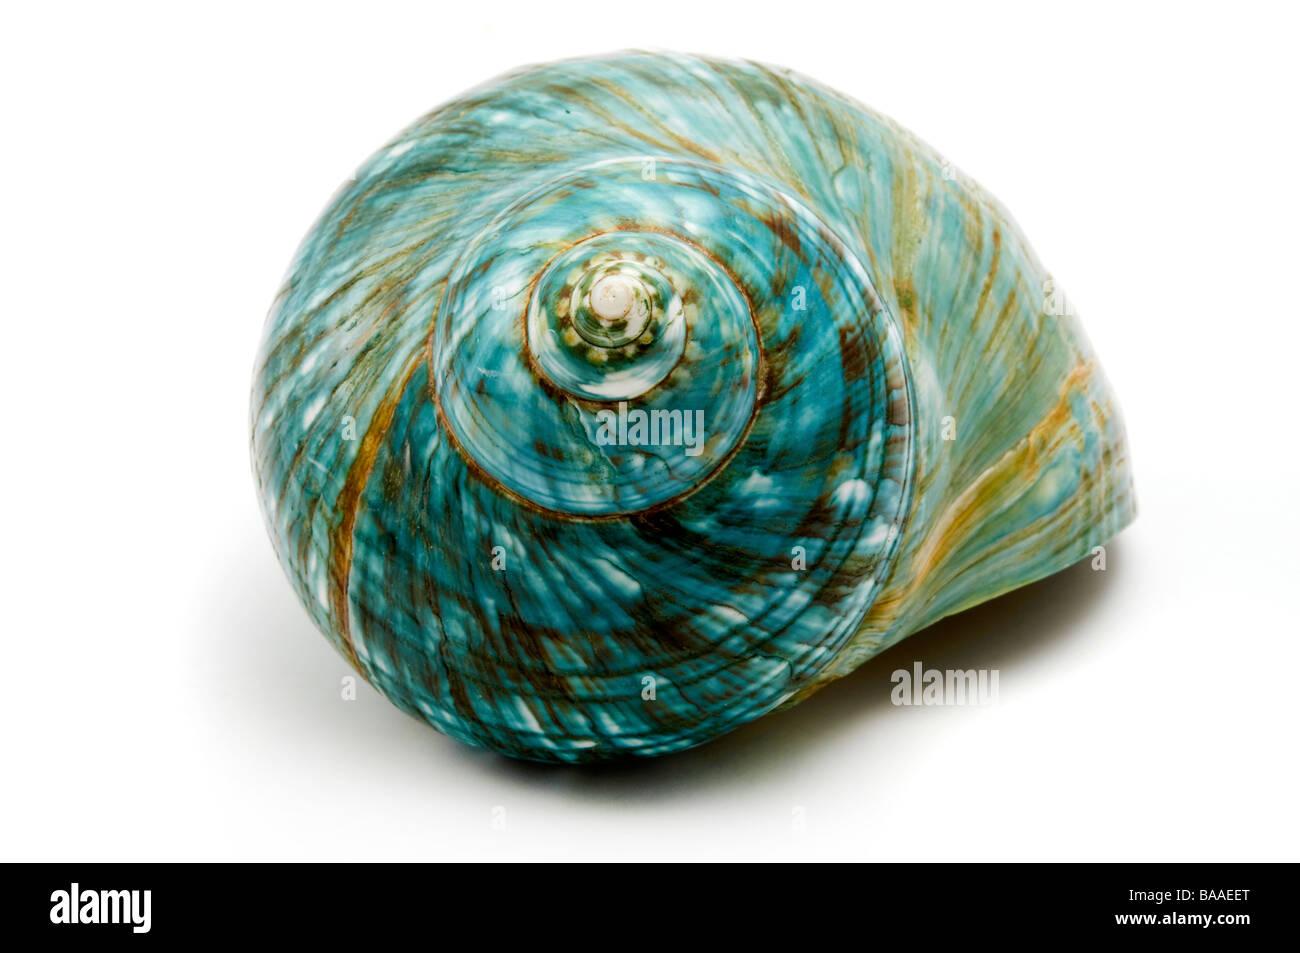 Mar azul shell sobre un fondo blanco. Imagen De Stock